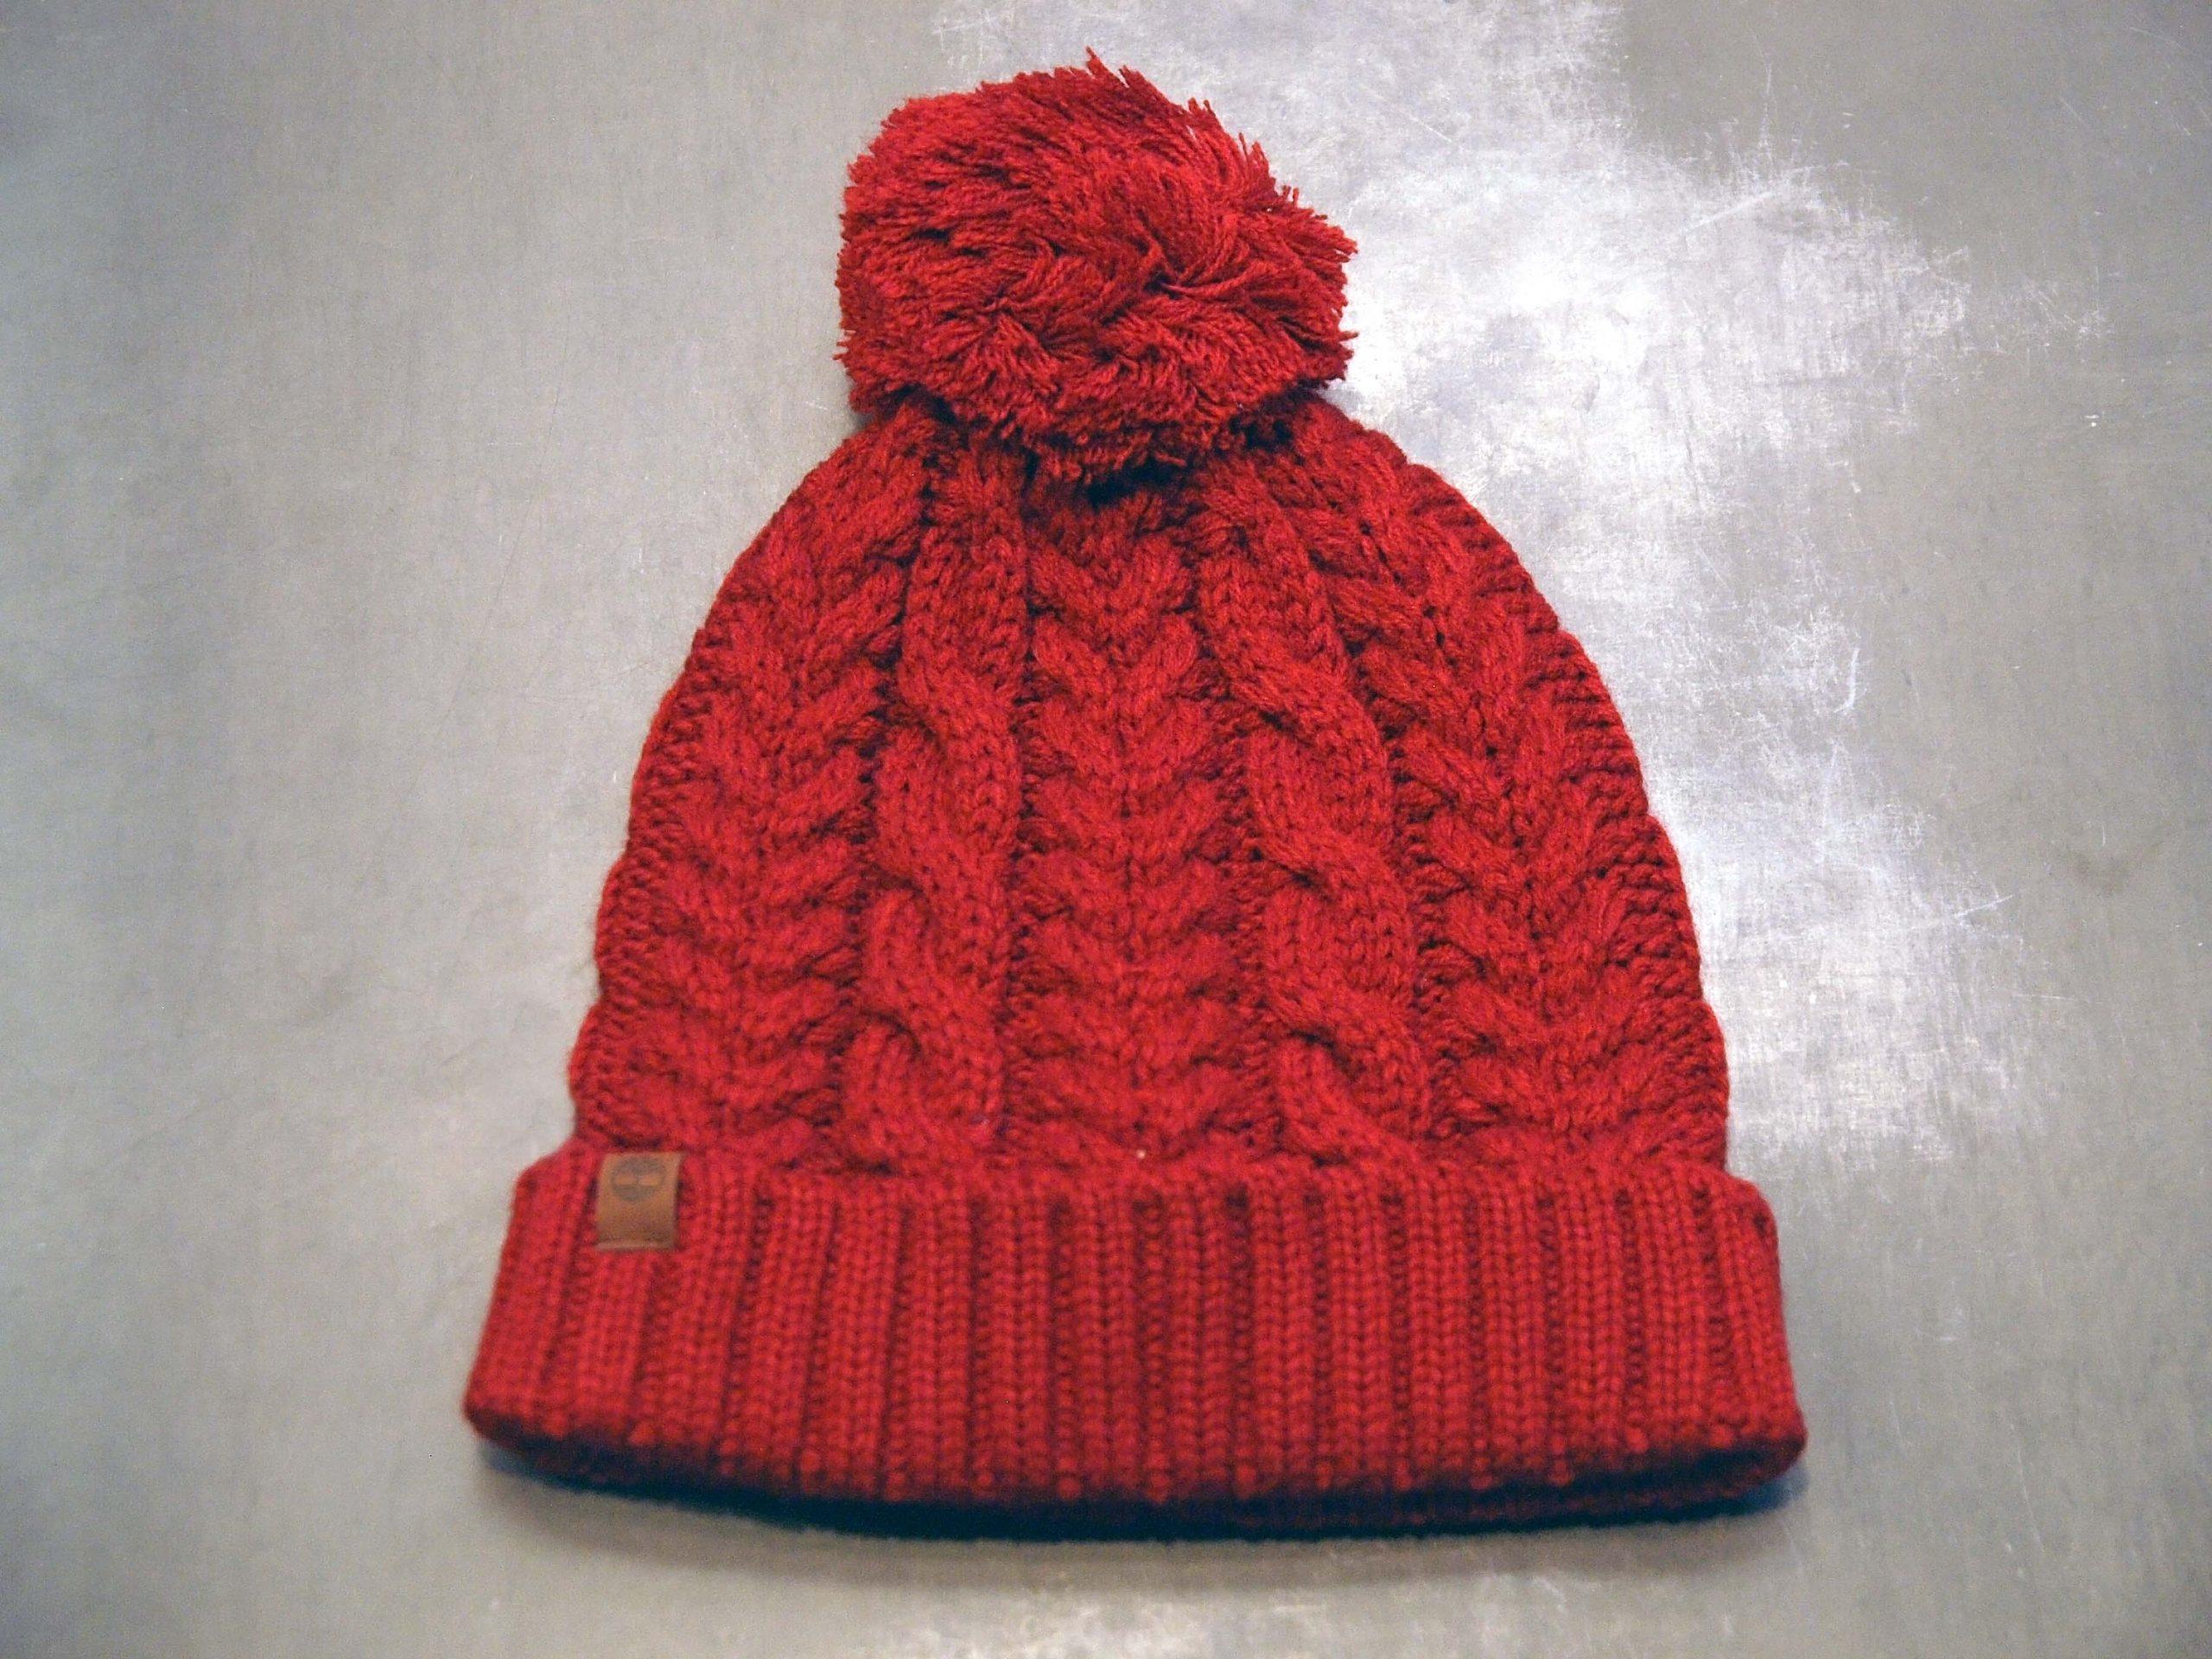 Bonton darivanja: Kad je pristojno darovati Timberland odjeću i modne detalje?